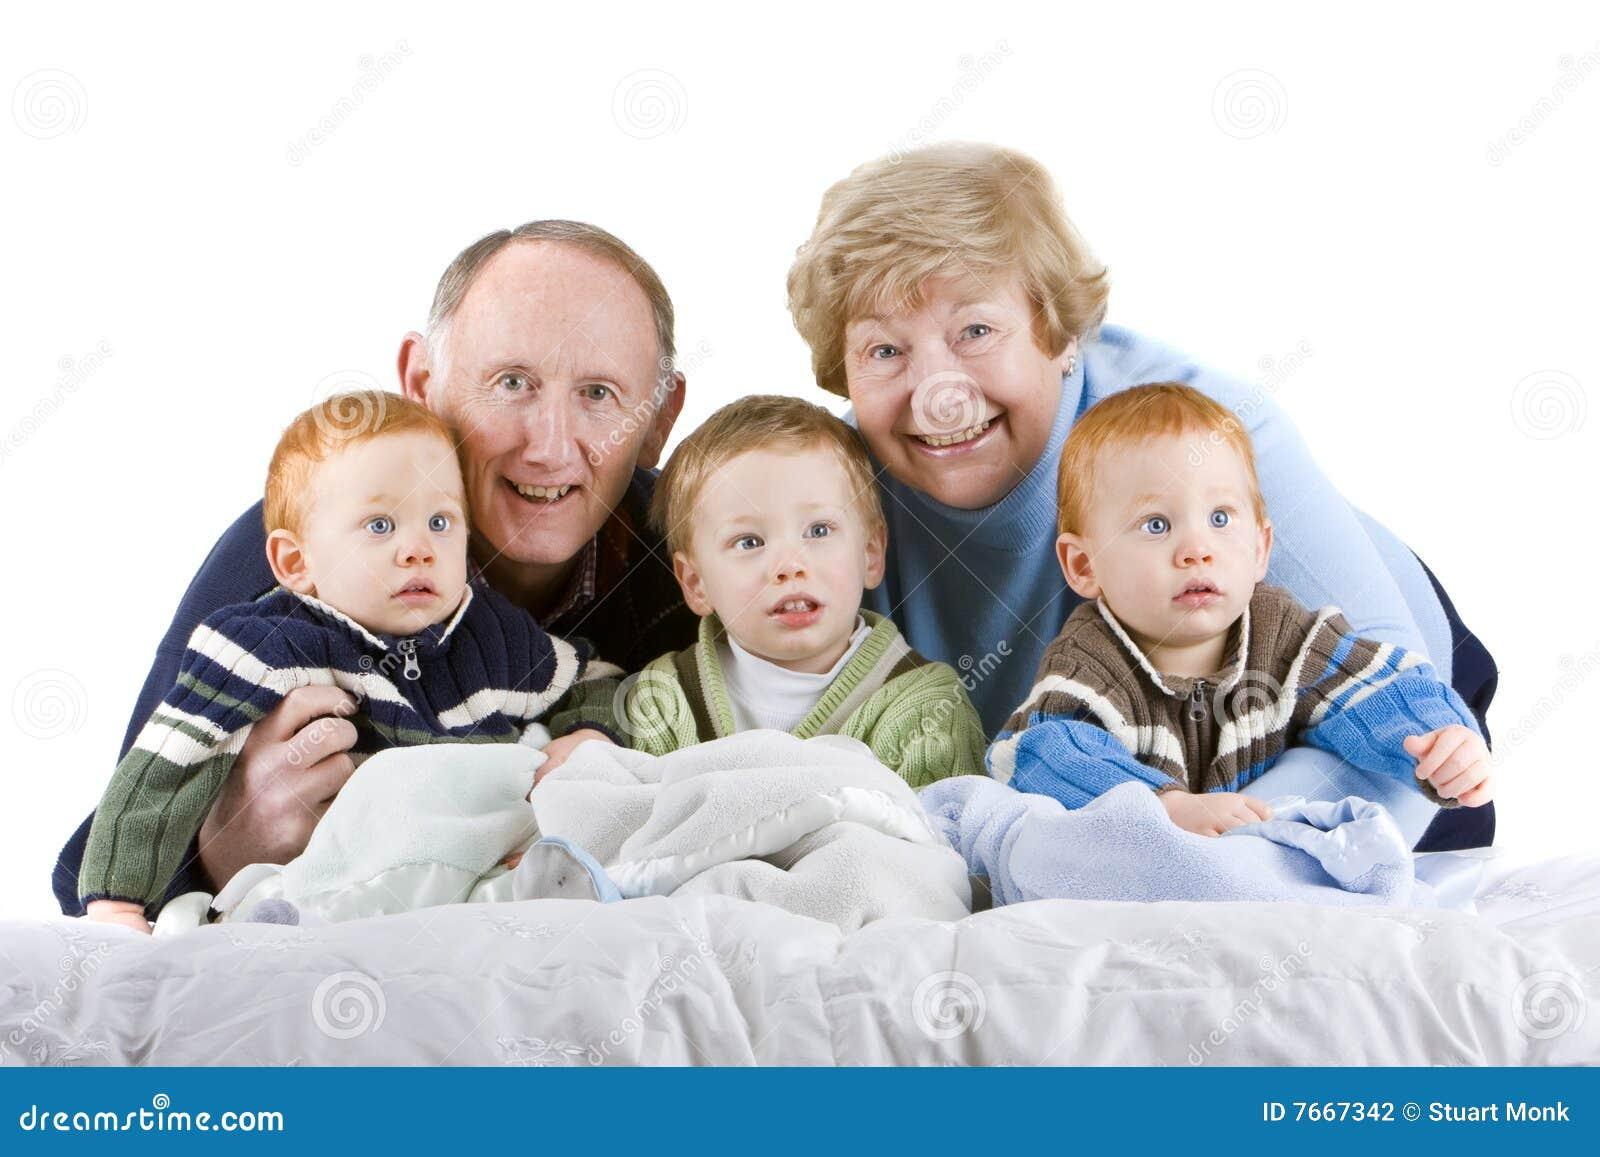 Los abuelos guardan como un tesoro los regalos de sus nietos - Lo ...